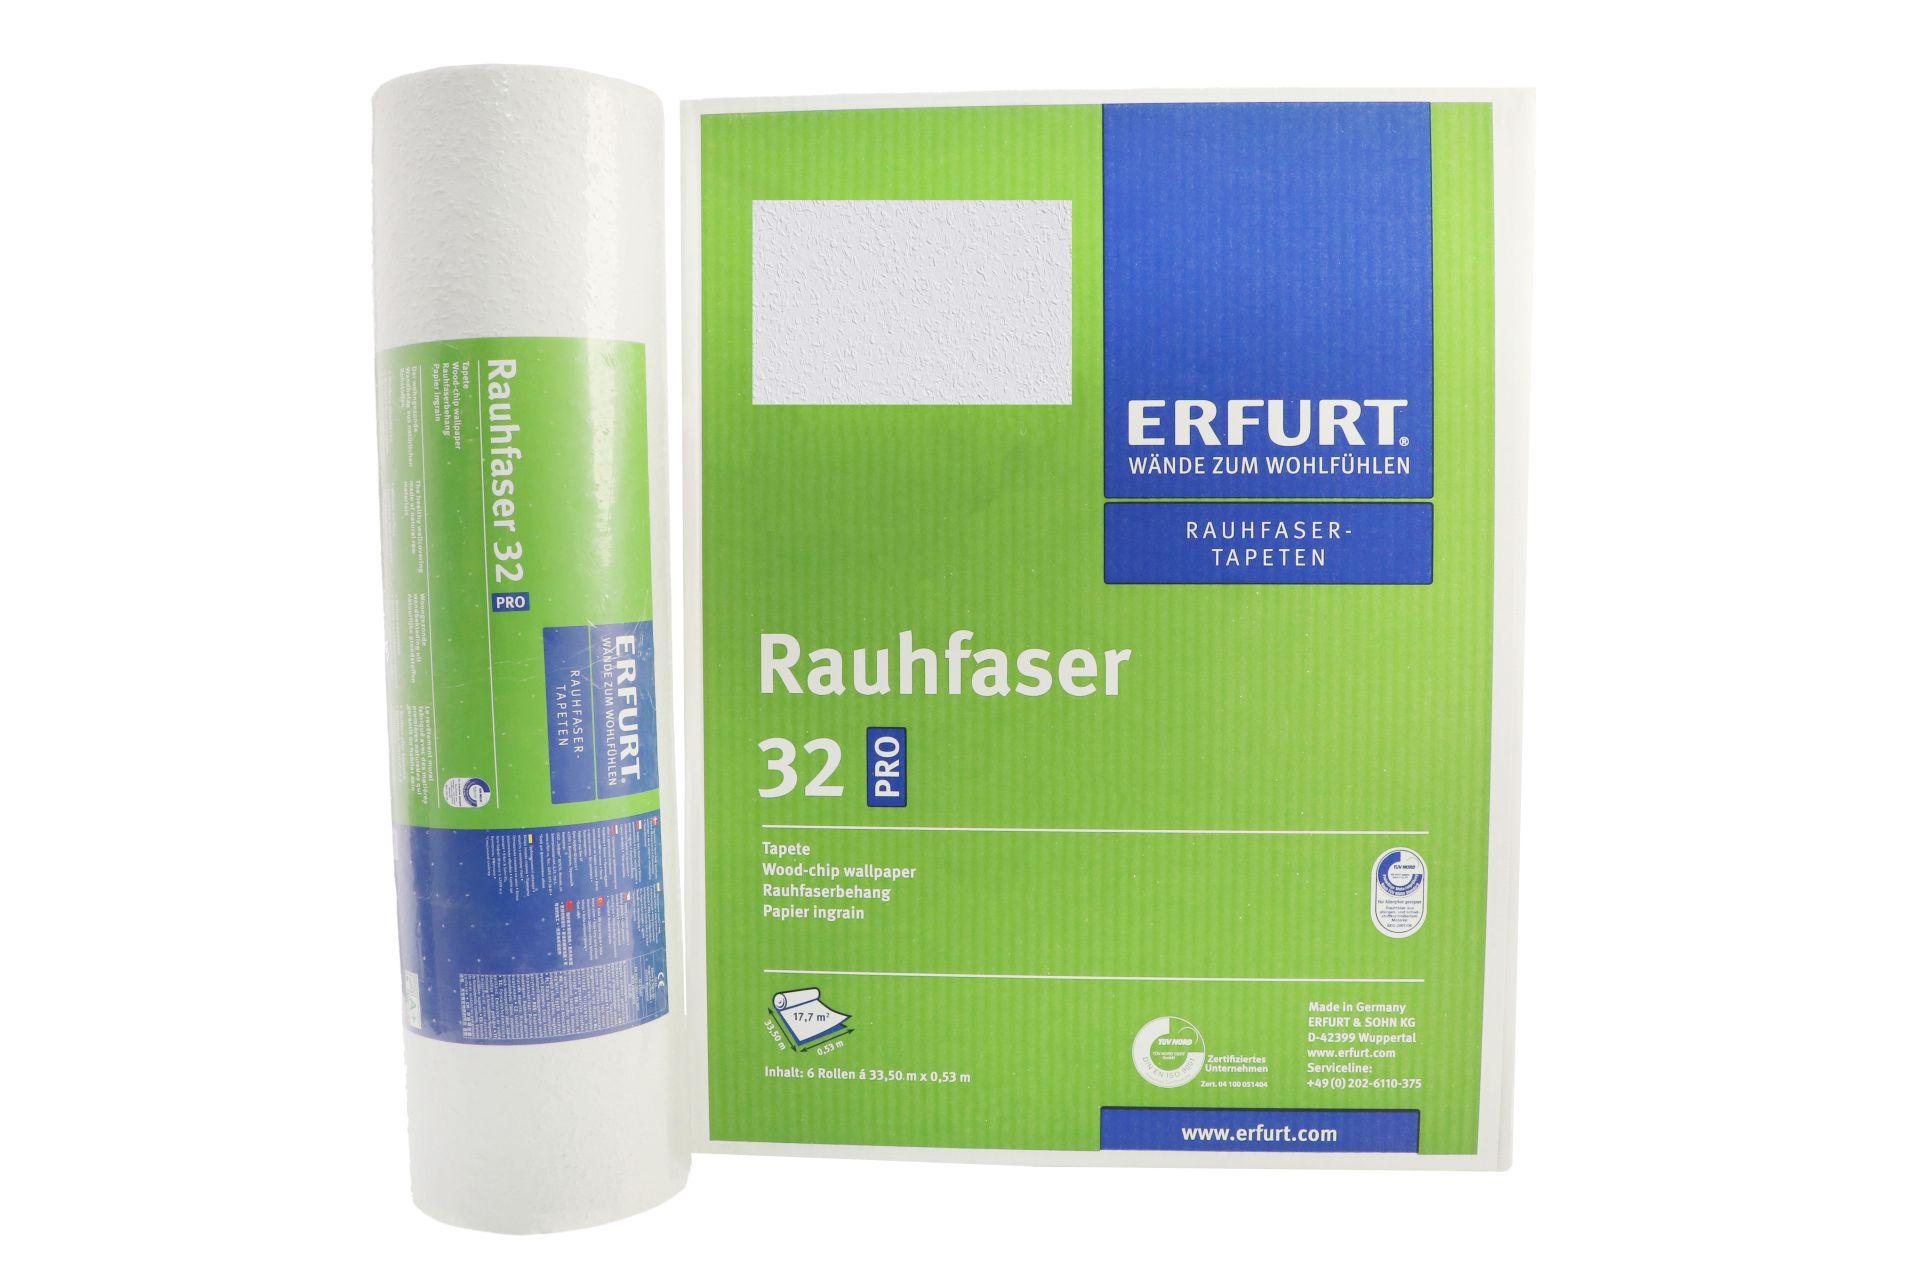 Erfurt Rauhfaser 32 Pro Tapete, 33,5 x 0,53 m, ausreichend für 17,75 m², 6 Rollen im Karton